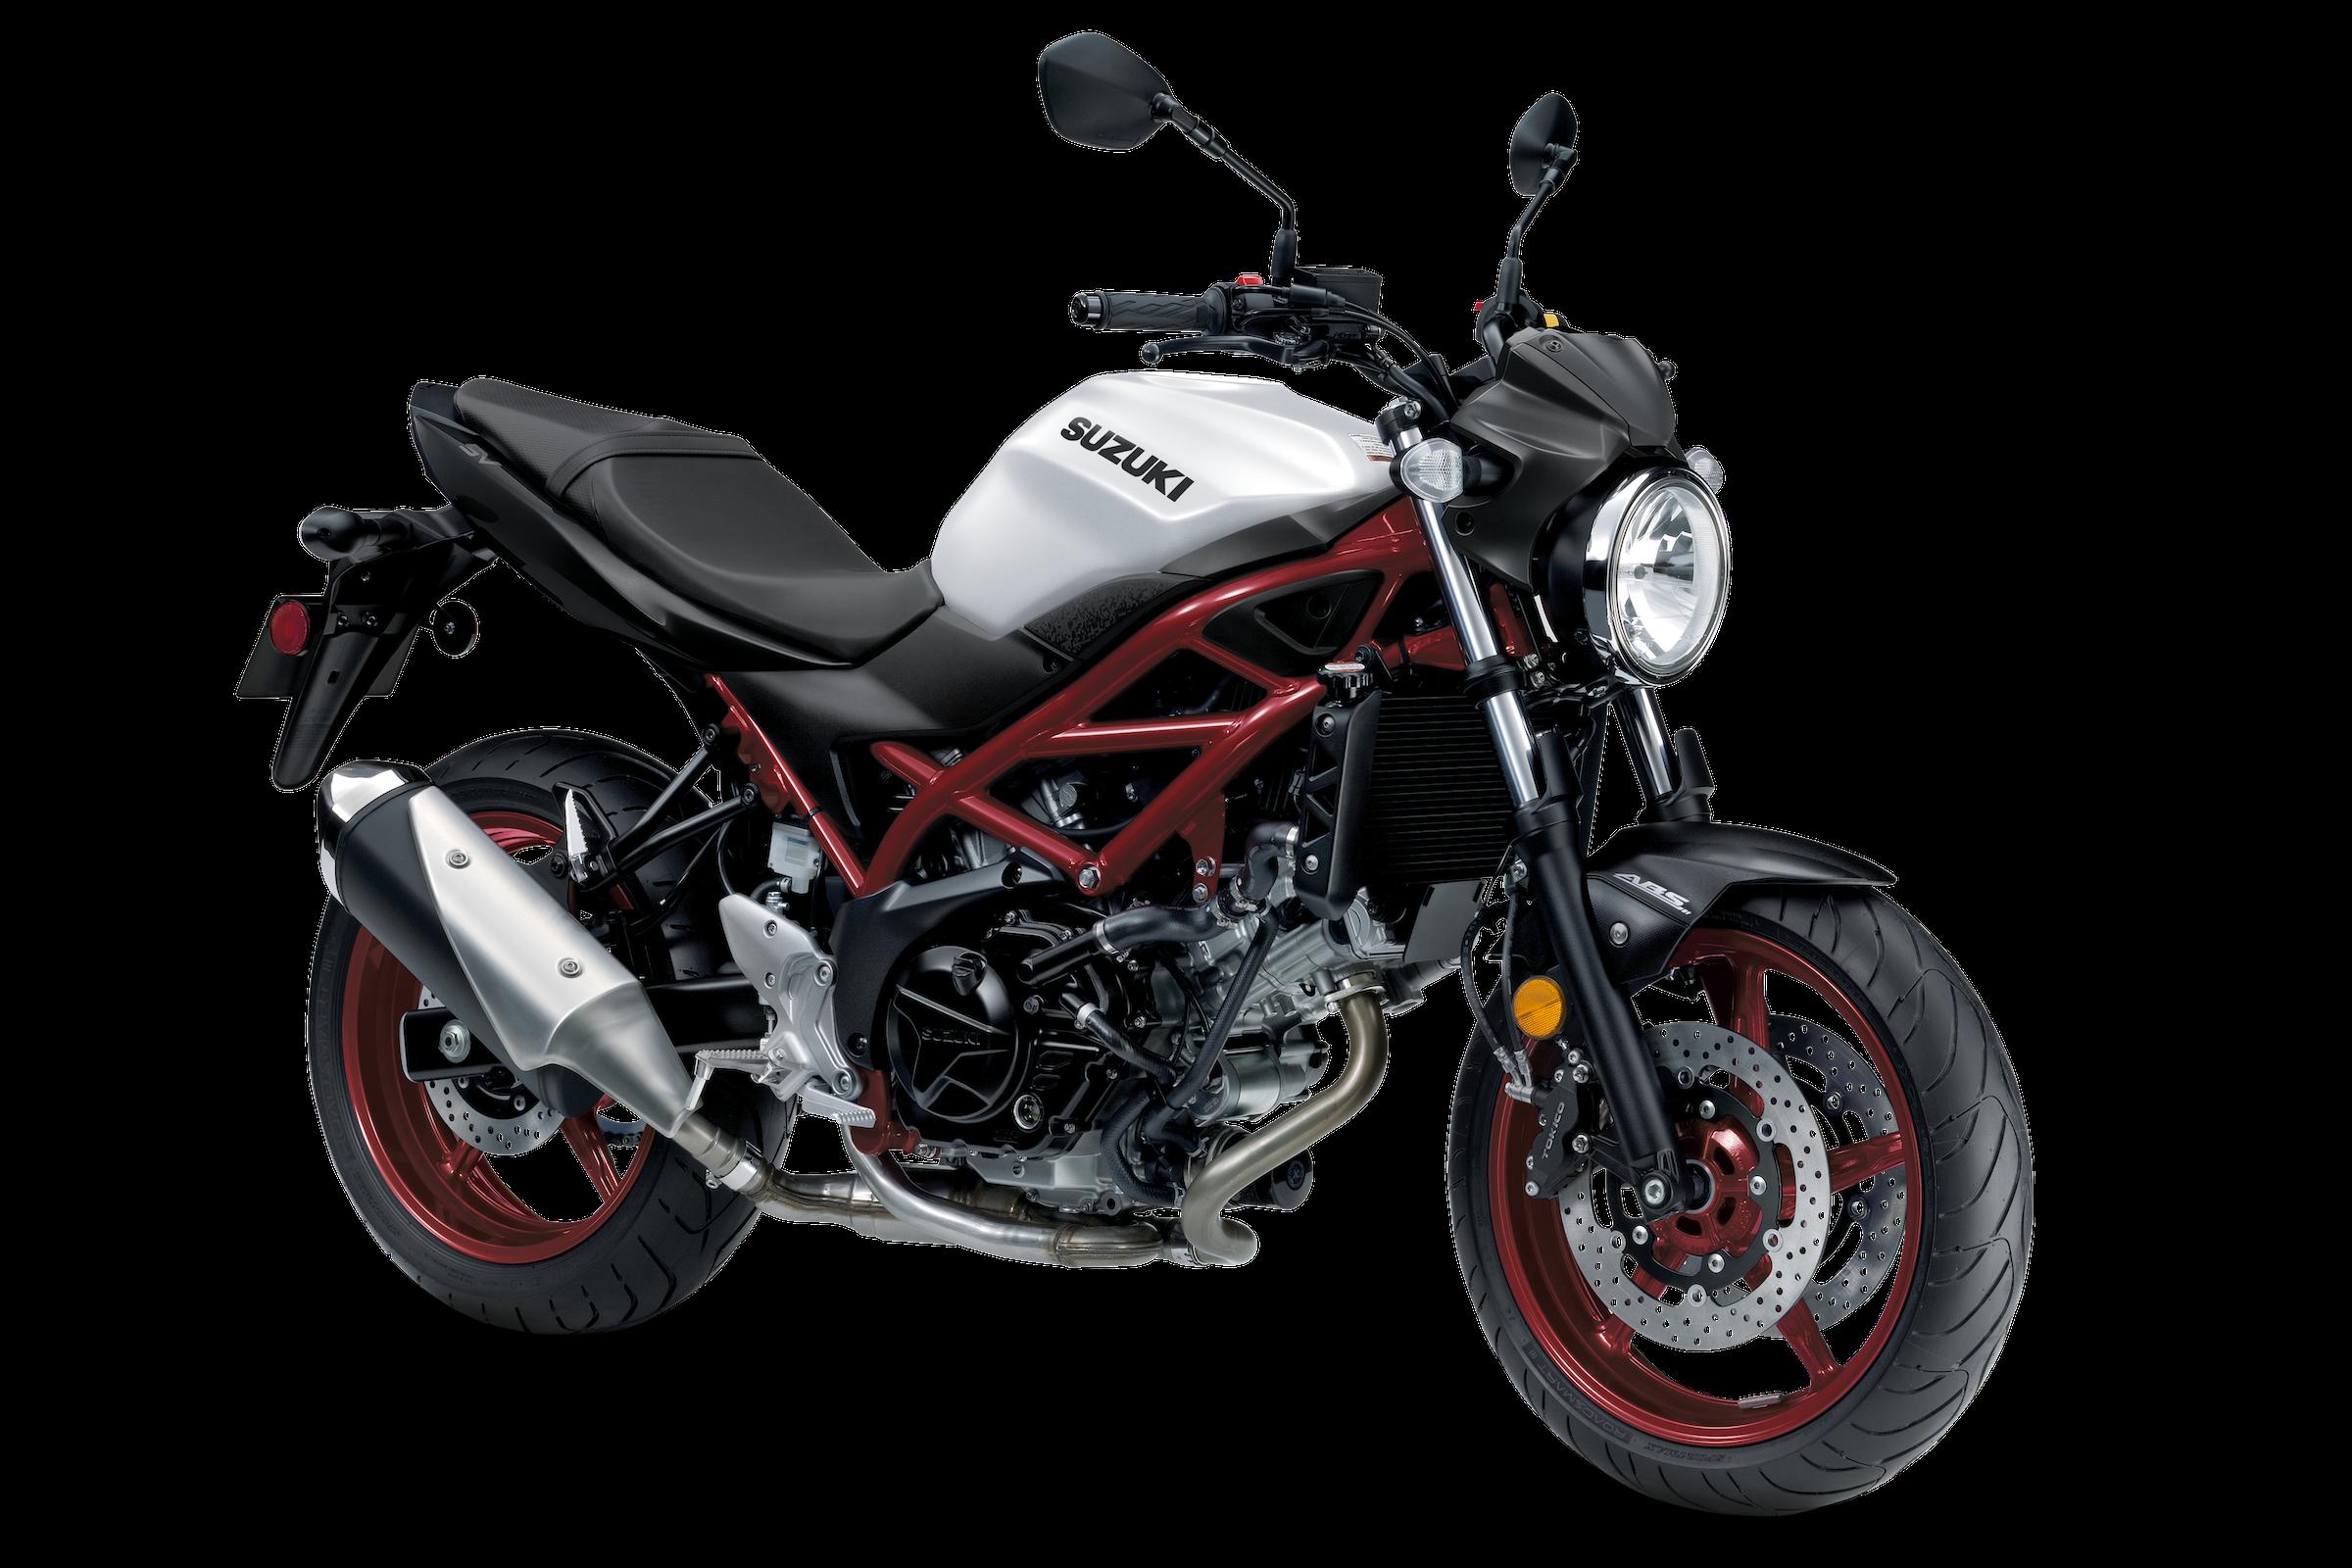 2021 Suzuki SV650